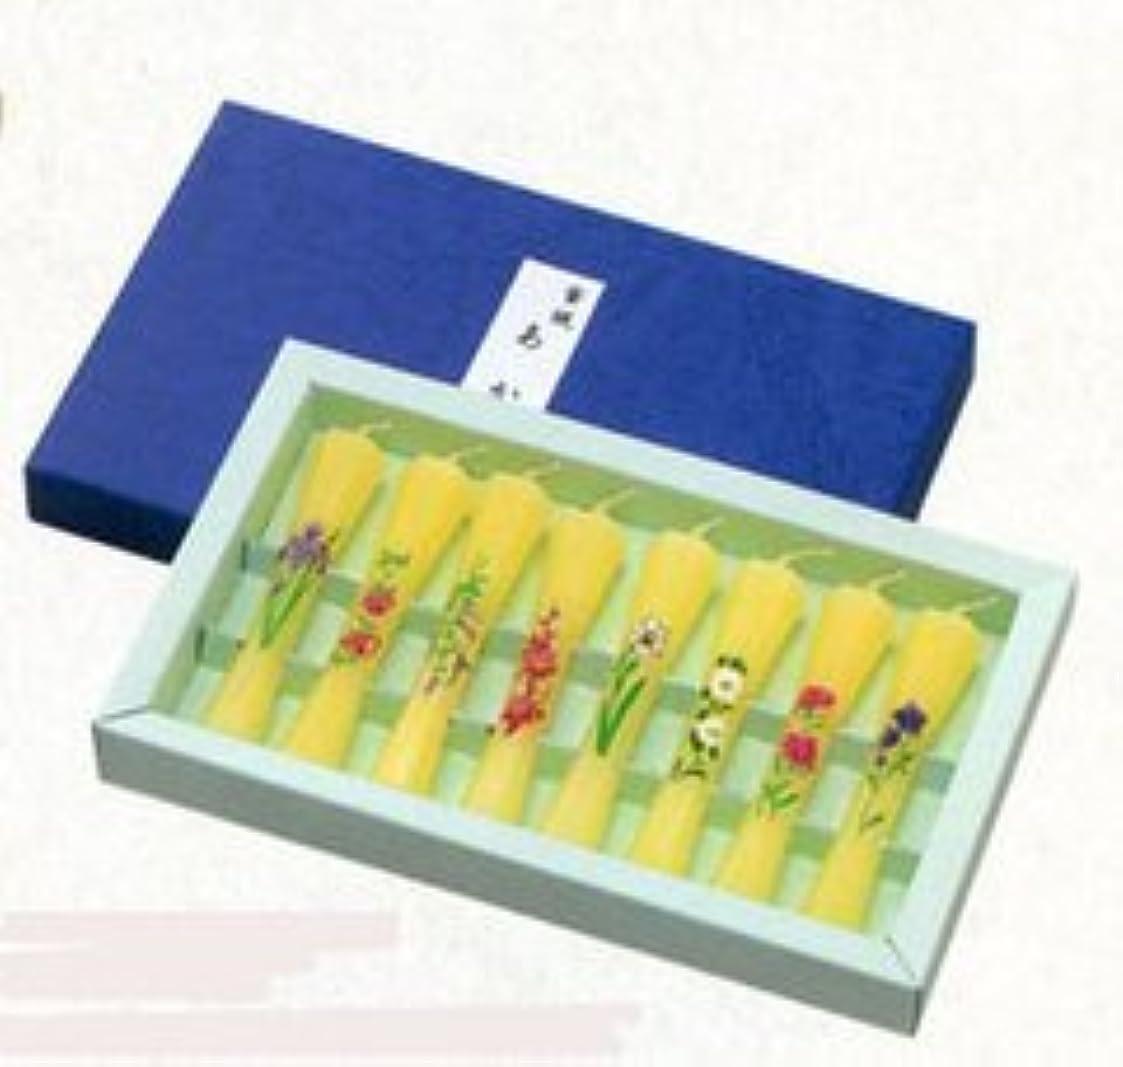 高尚な軽蔑切り下げ鮮やかな花の絵ローソク8本 蜜蝋(みつろー) 茜 絵ローソク